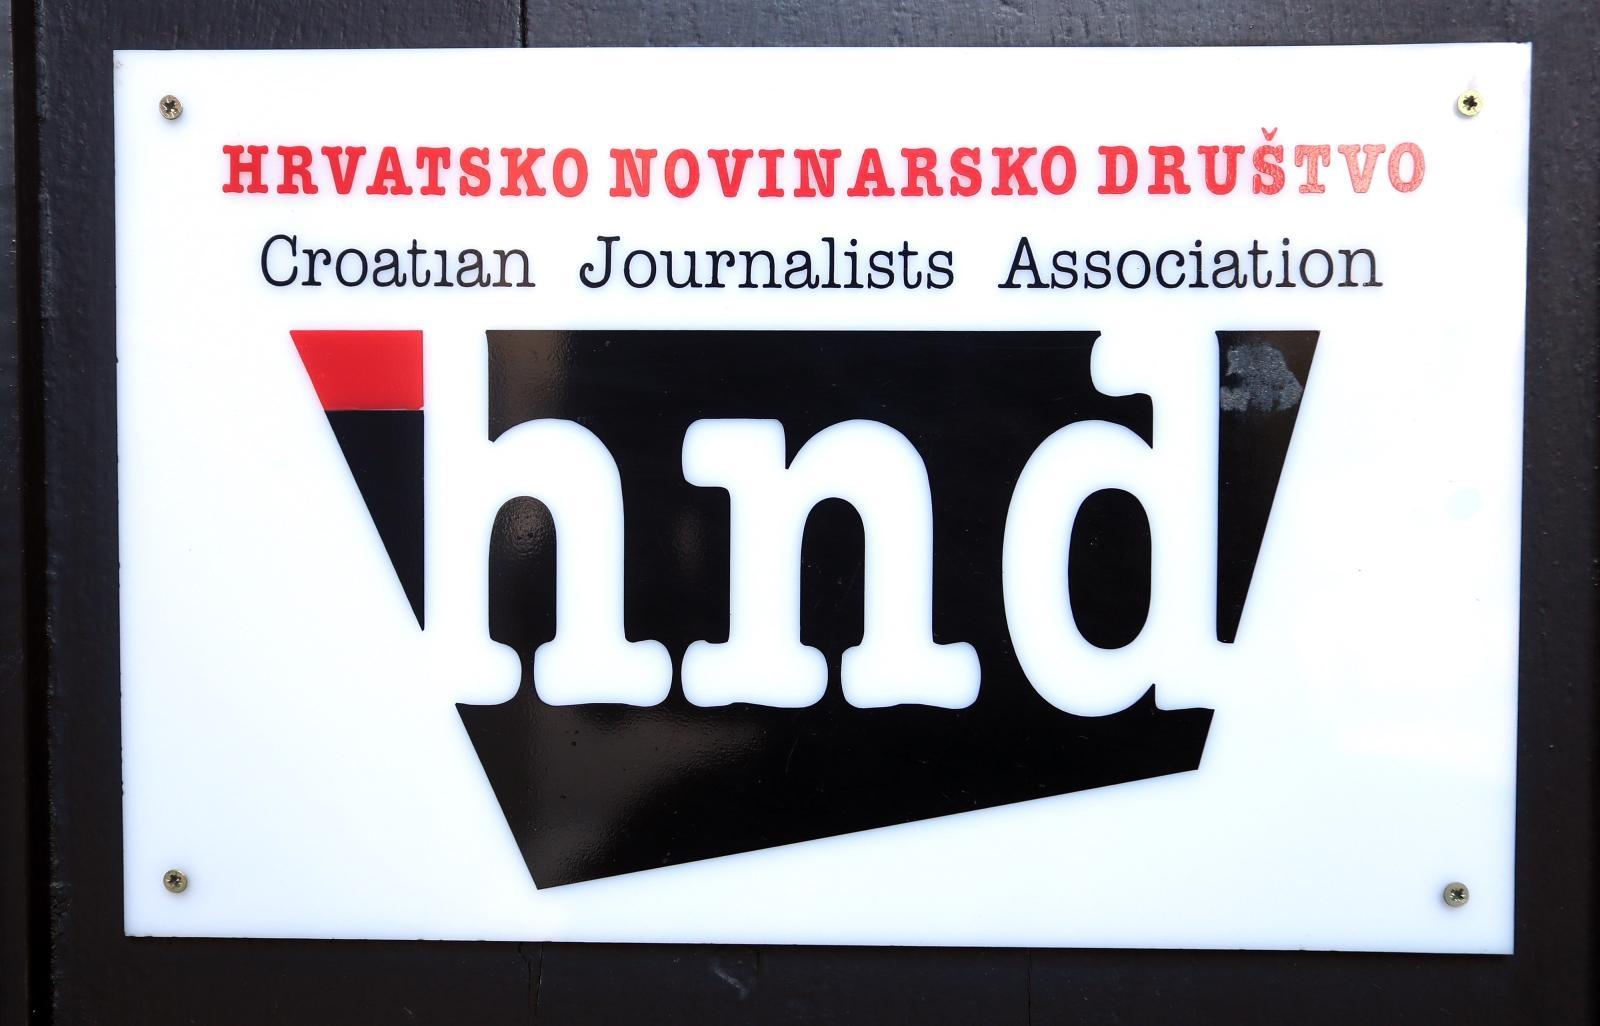 HND osudio napad Živog zida na novinarku Željku Godeč